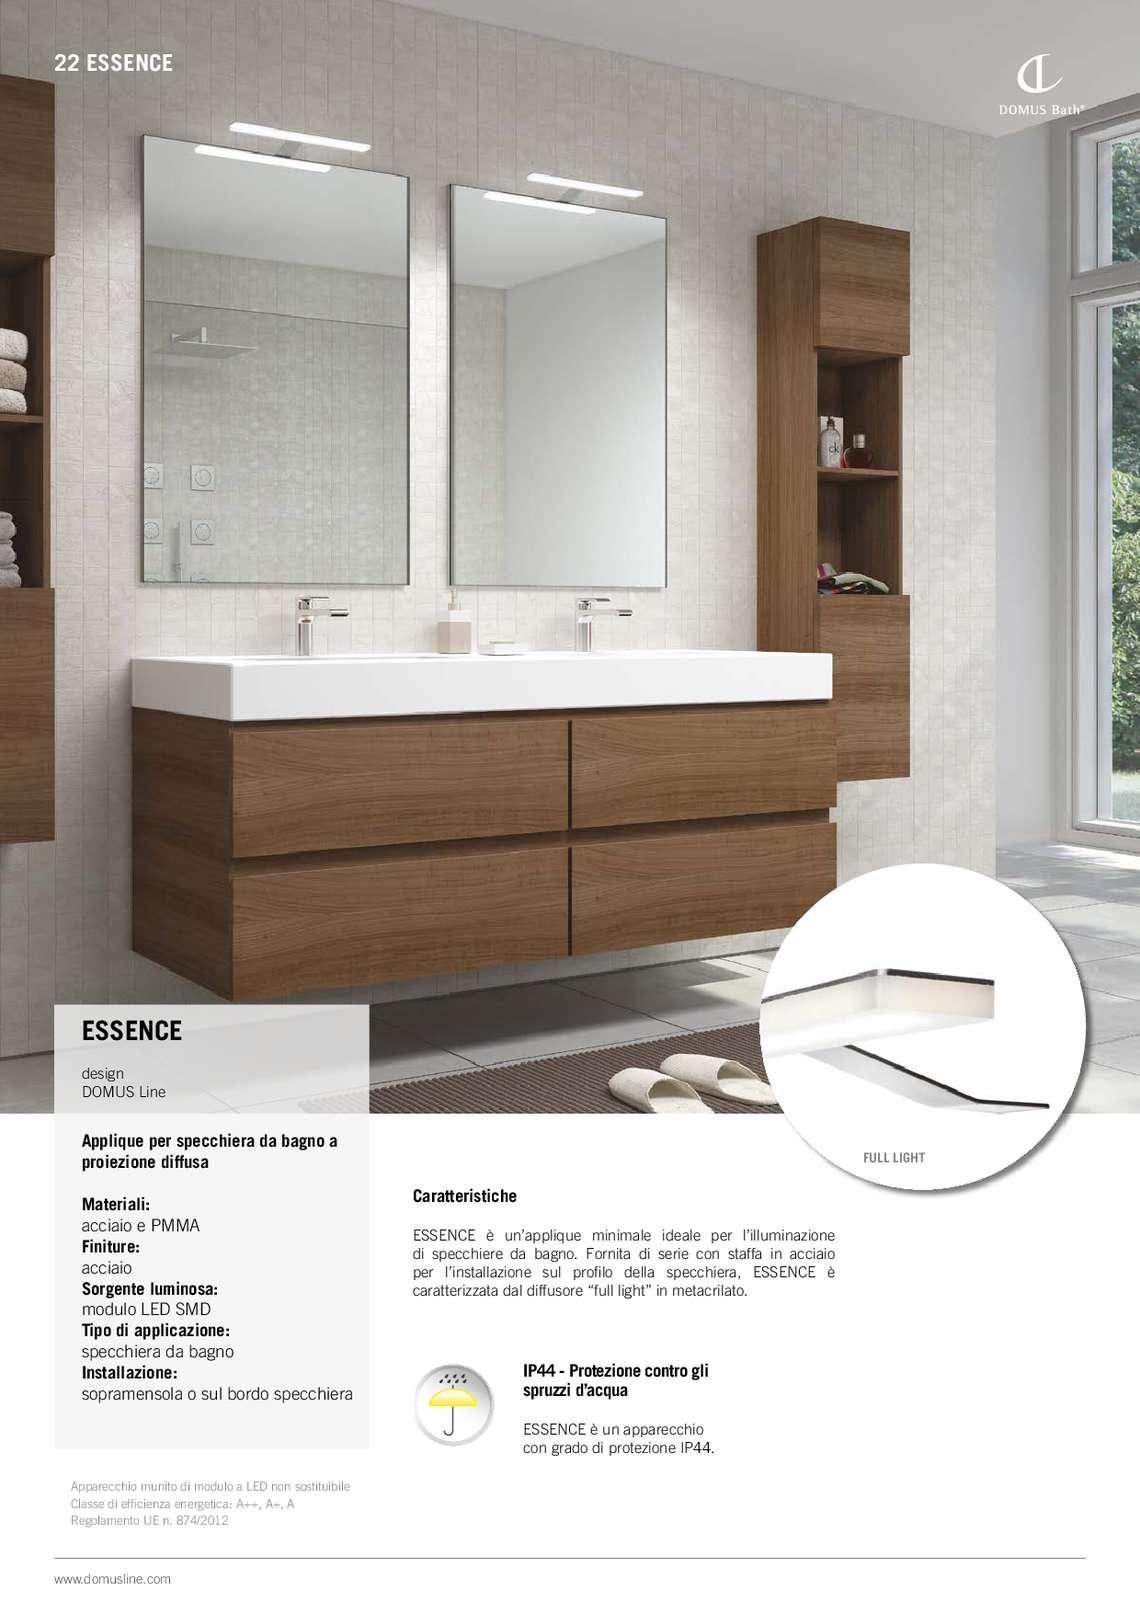 domus-line-bath_24_022.jpg